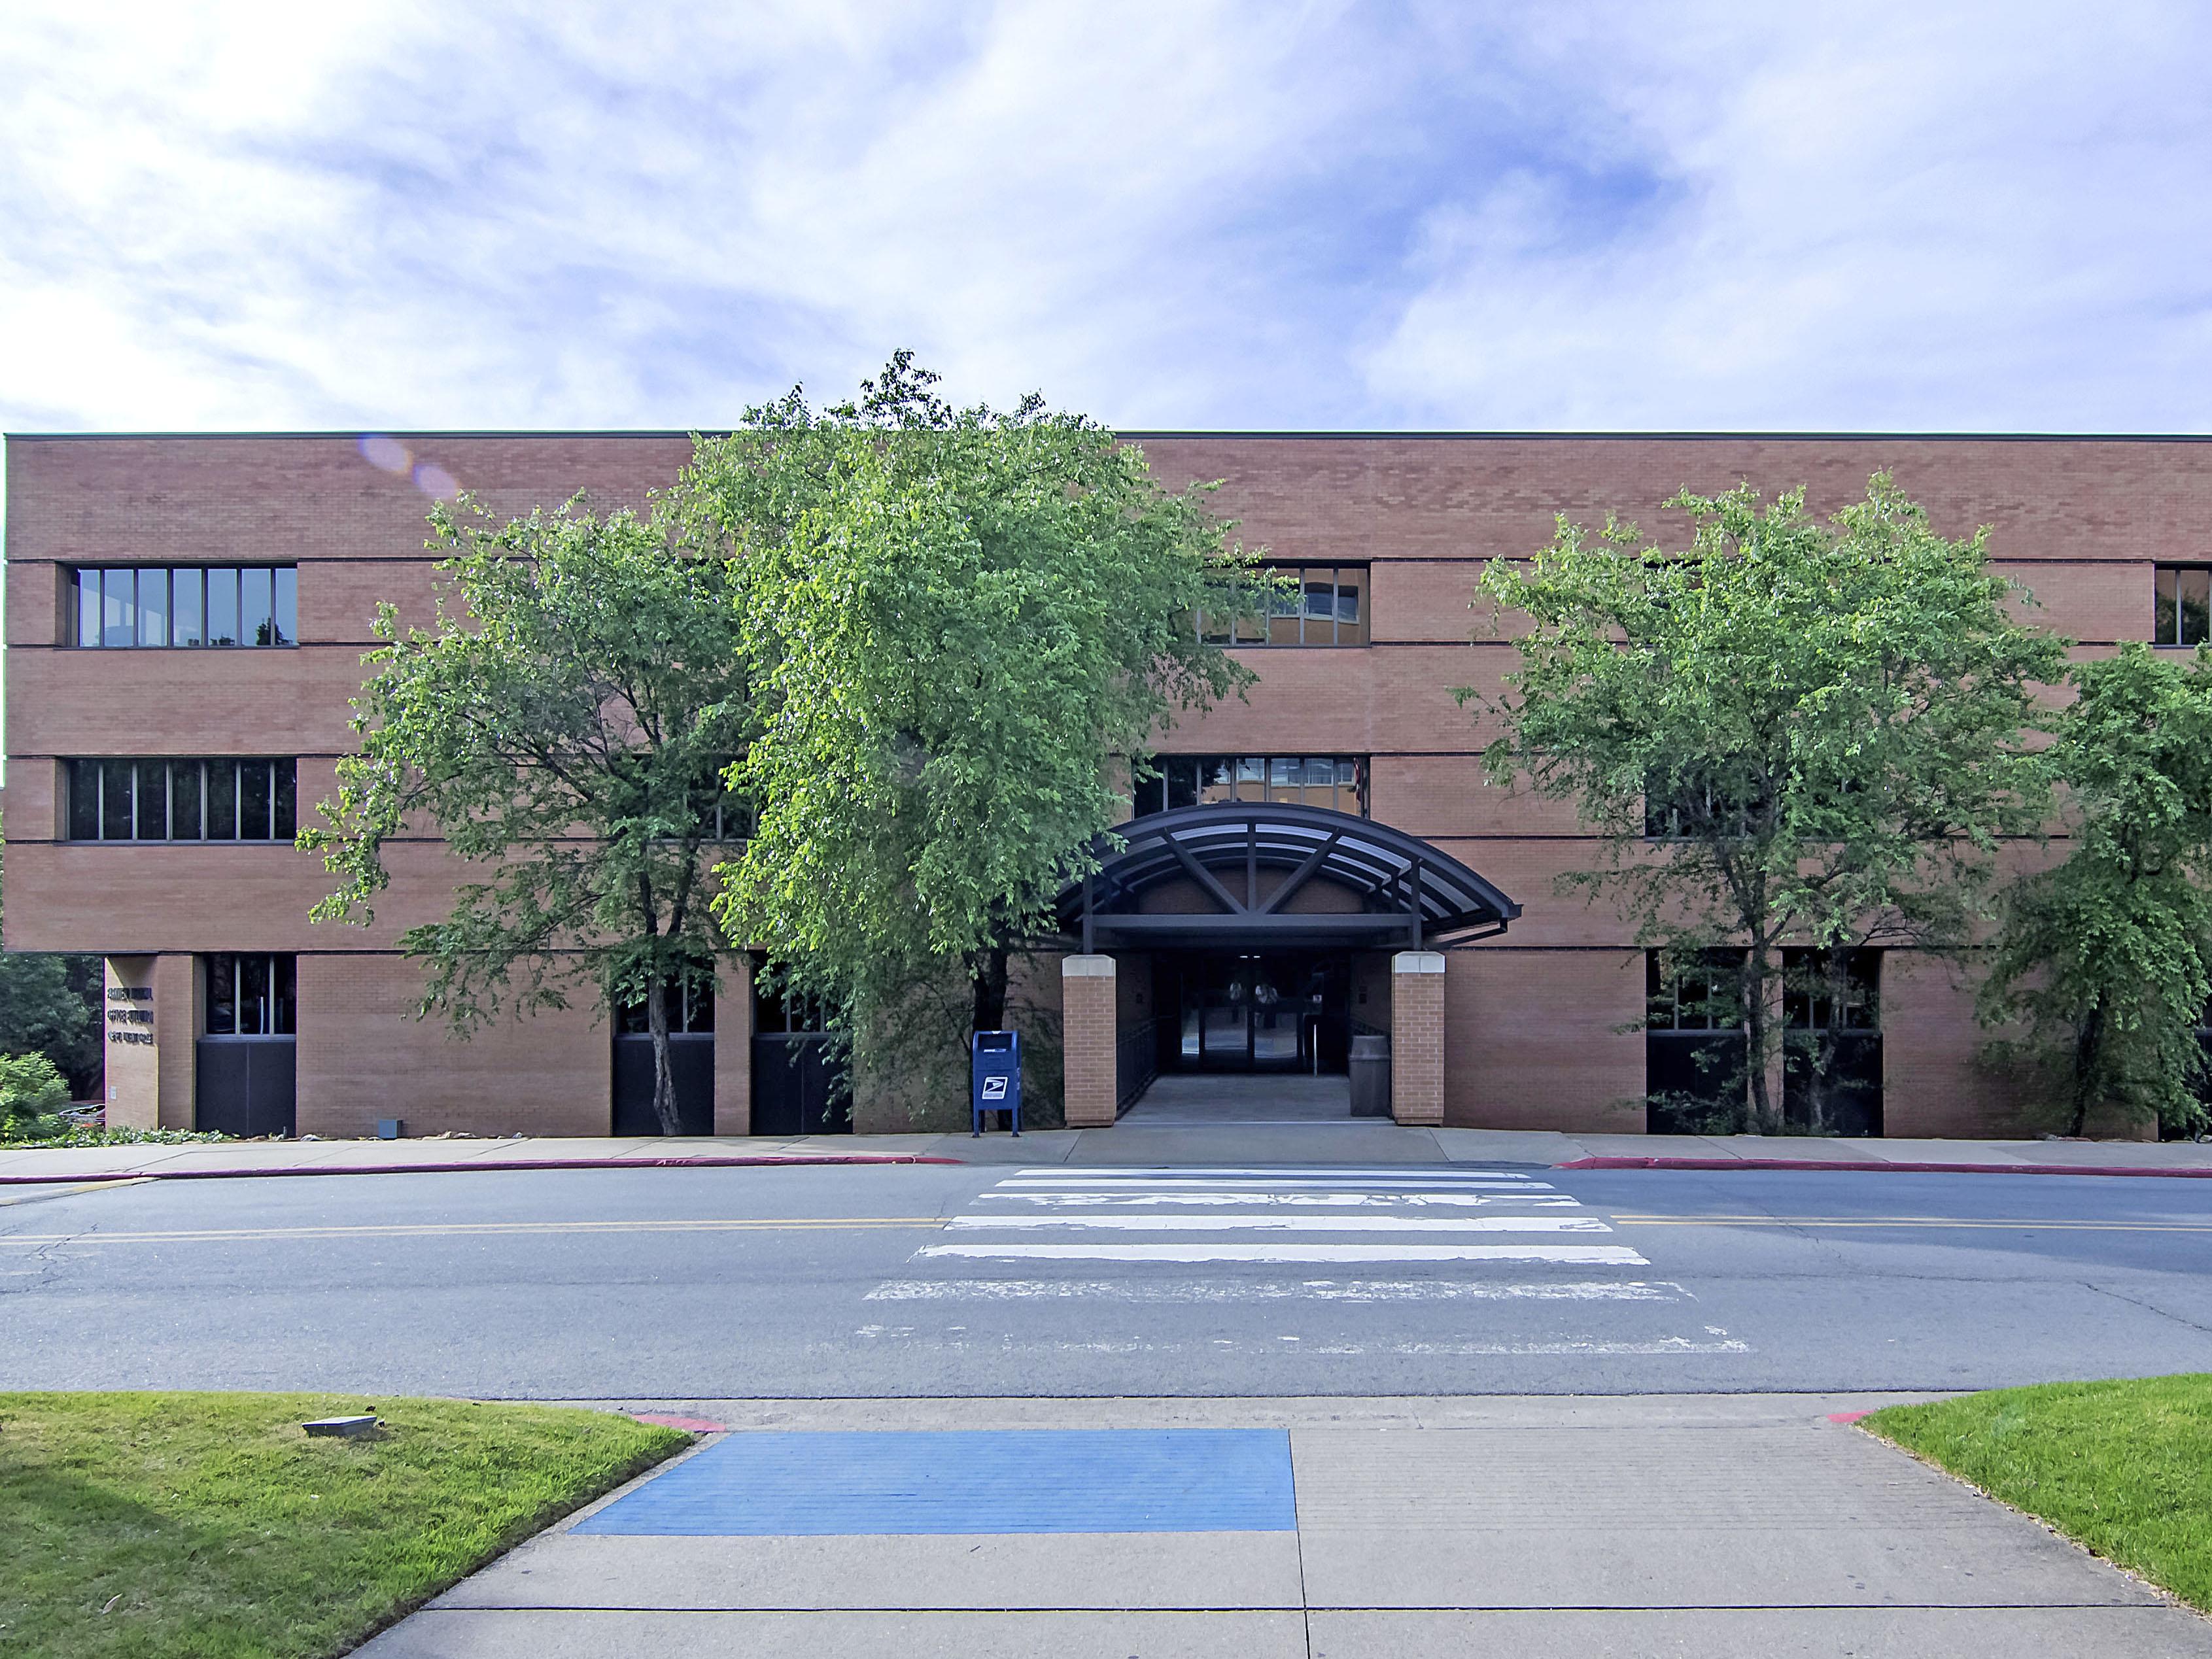 CHI St. Vincent Outpatient Behavioral Health Clinic - Little Rock